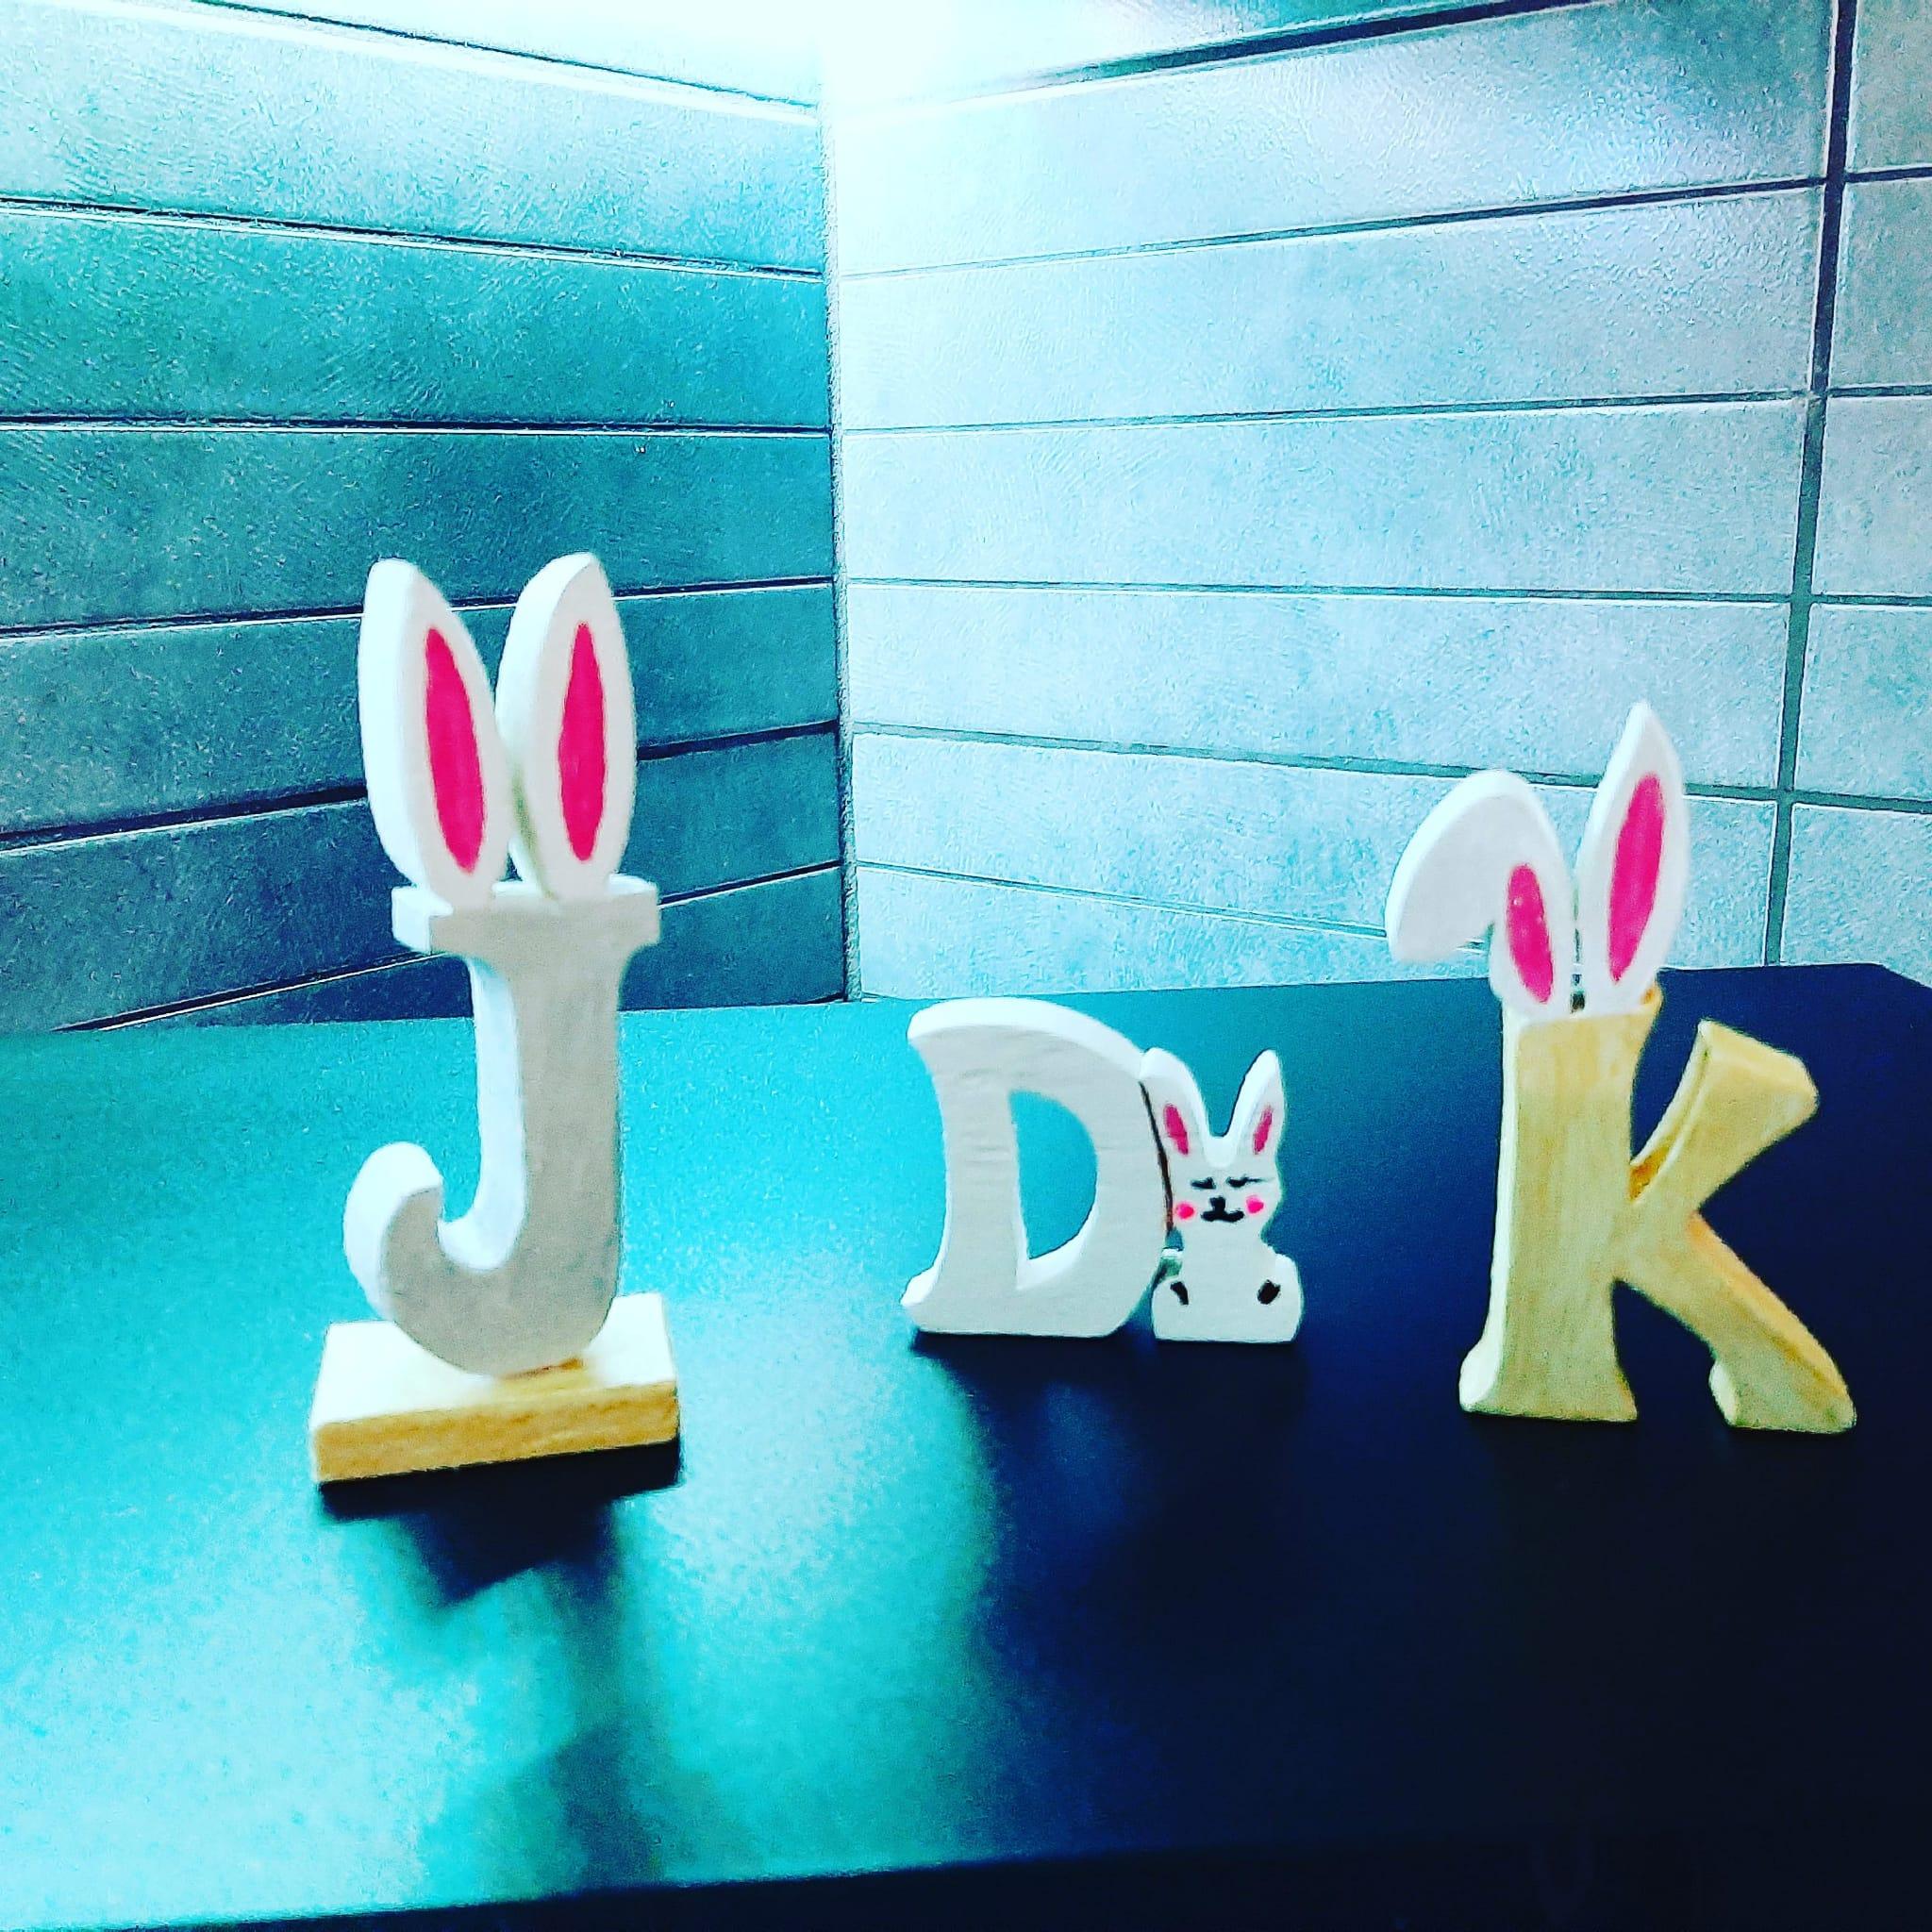 lettere in legno personalizzate